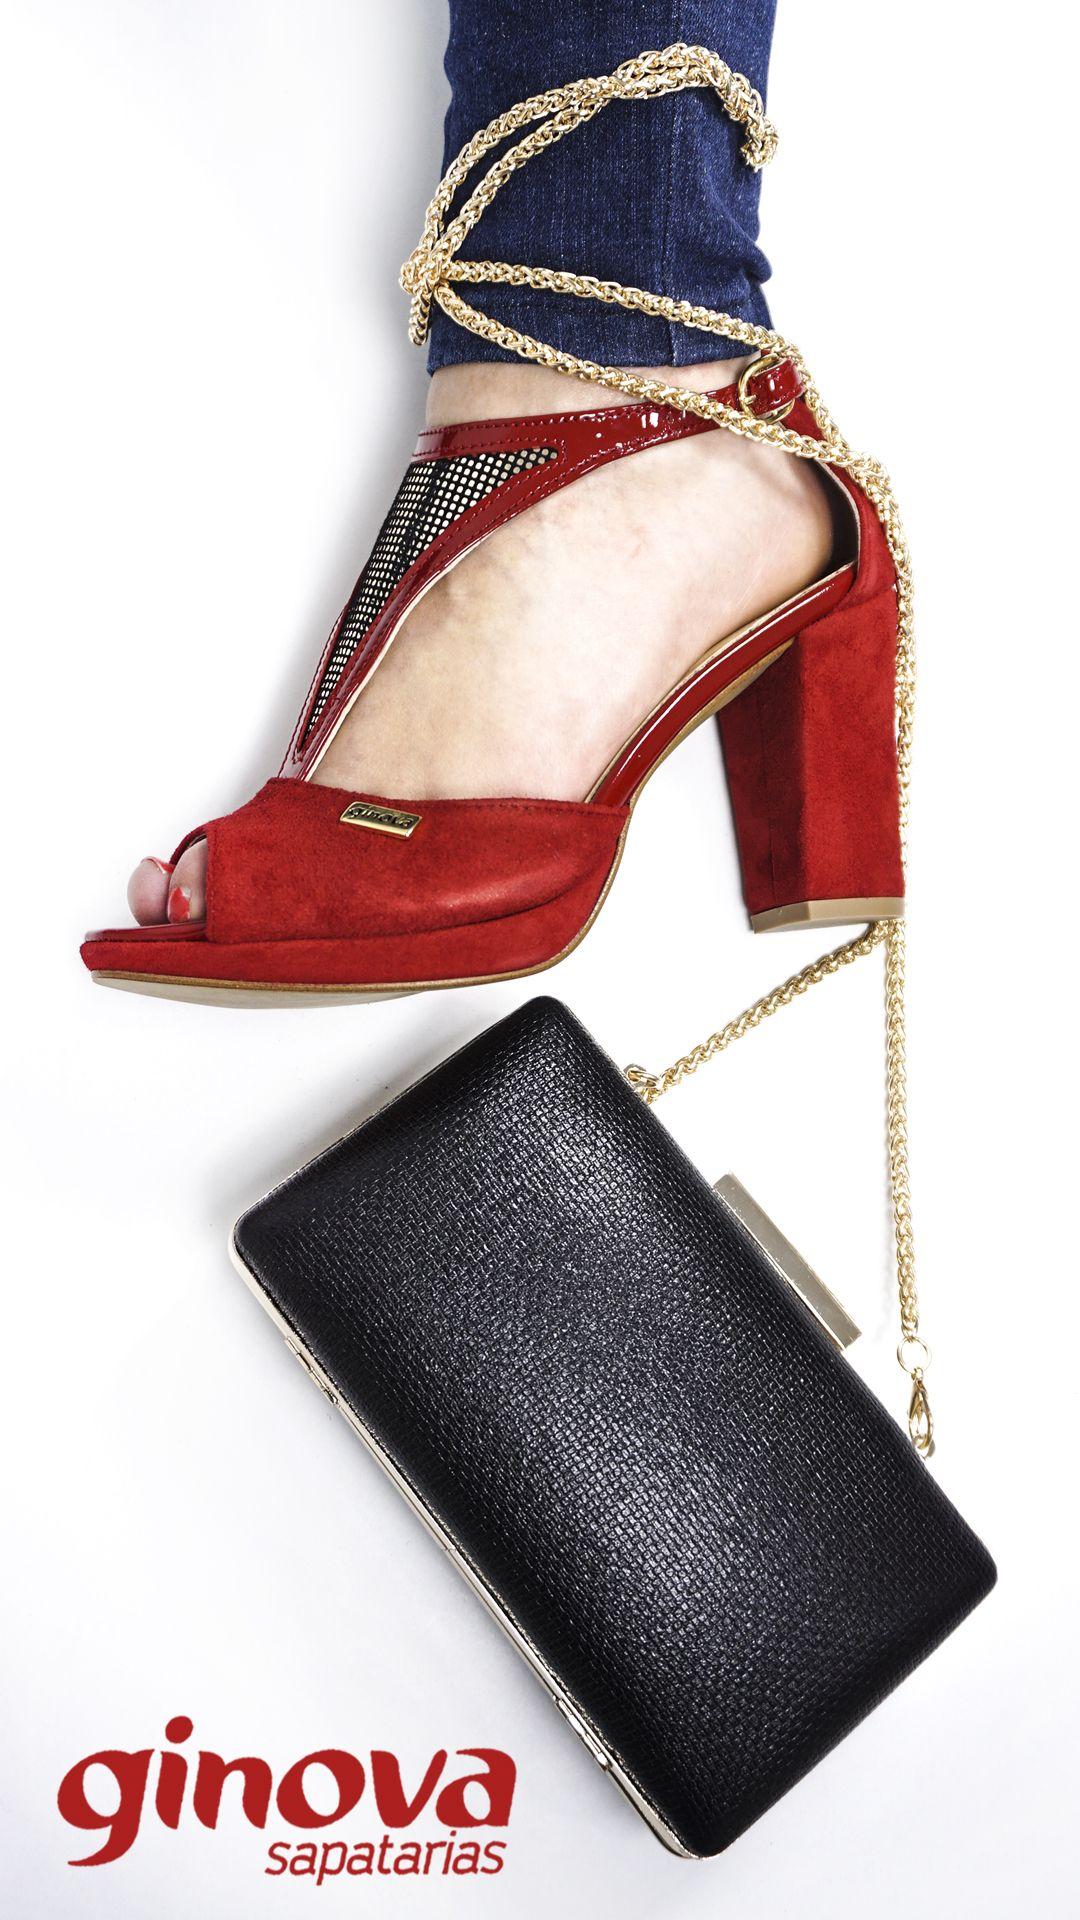 835af5d92 #sapatos #shoes #madeinportugal #calçado #portugal #sapatos #sandálias  #verão2018